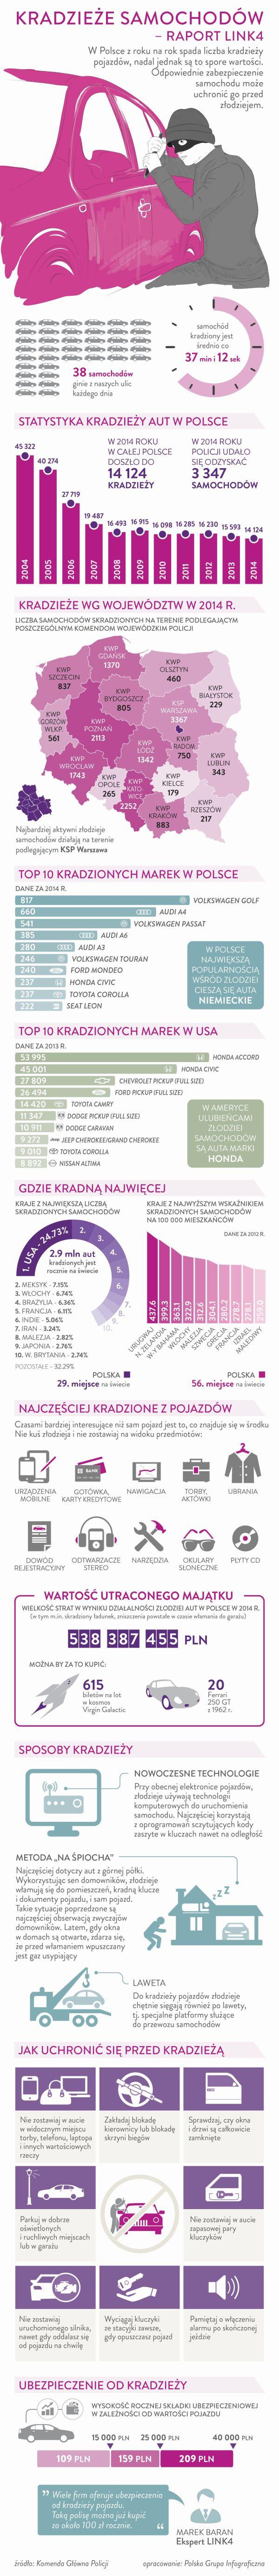 Link4 – kradzieże samochodu - infografika